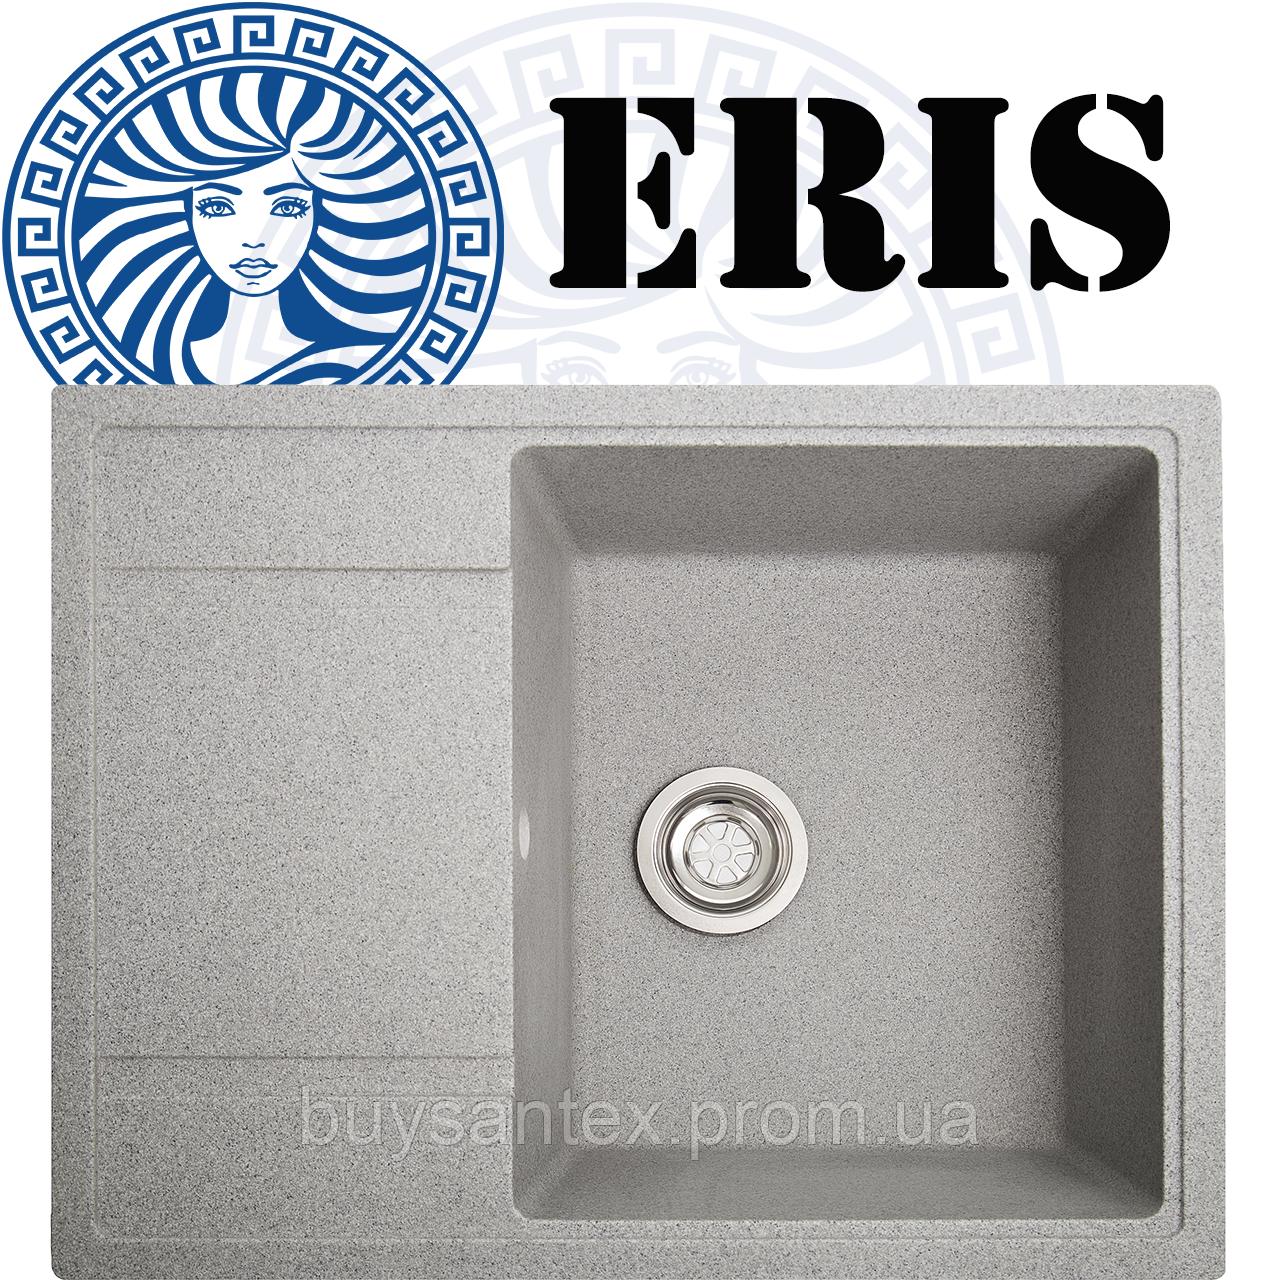 Кухонная мойка Cora - Eris Grey